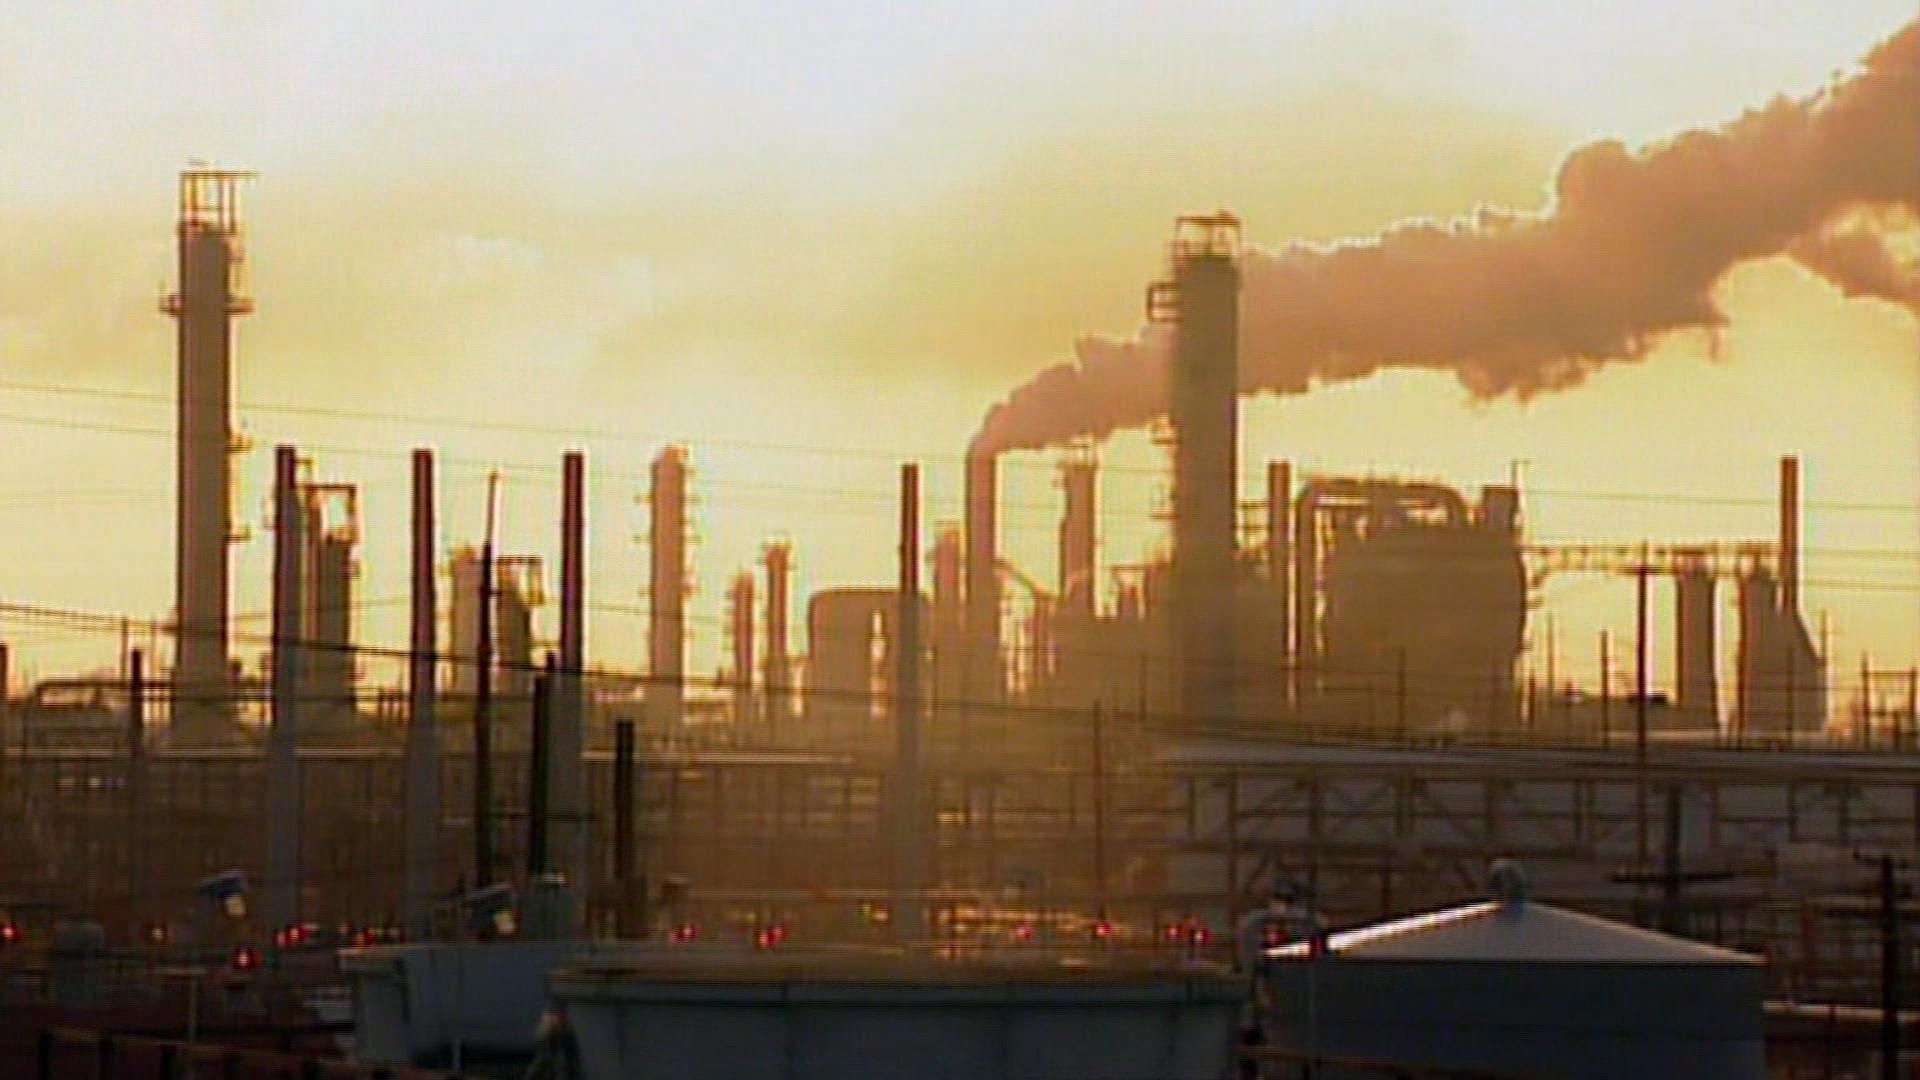 Port Arthur Oil Refinery Shut Down-159532.jpg75030468